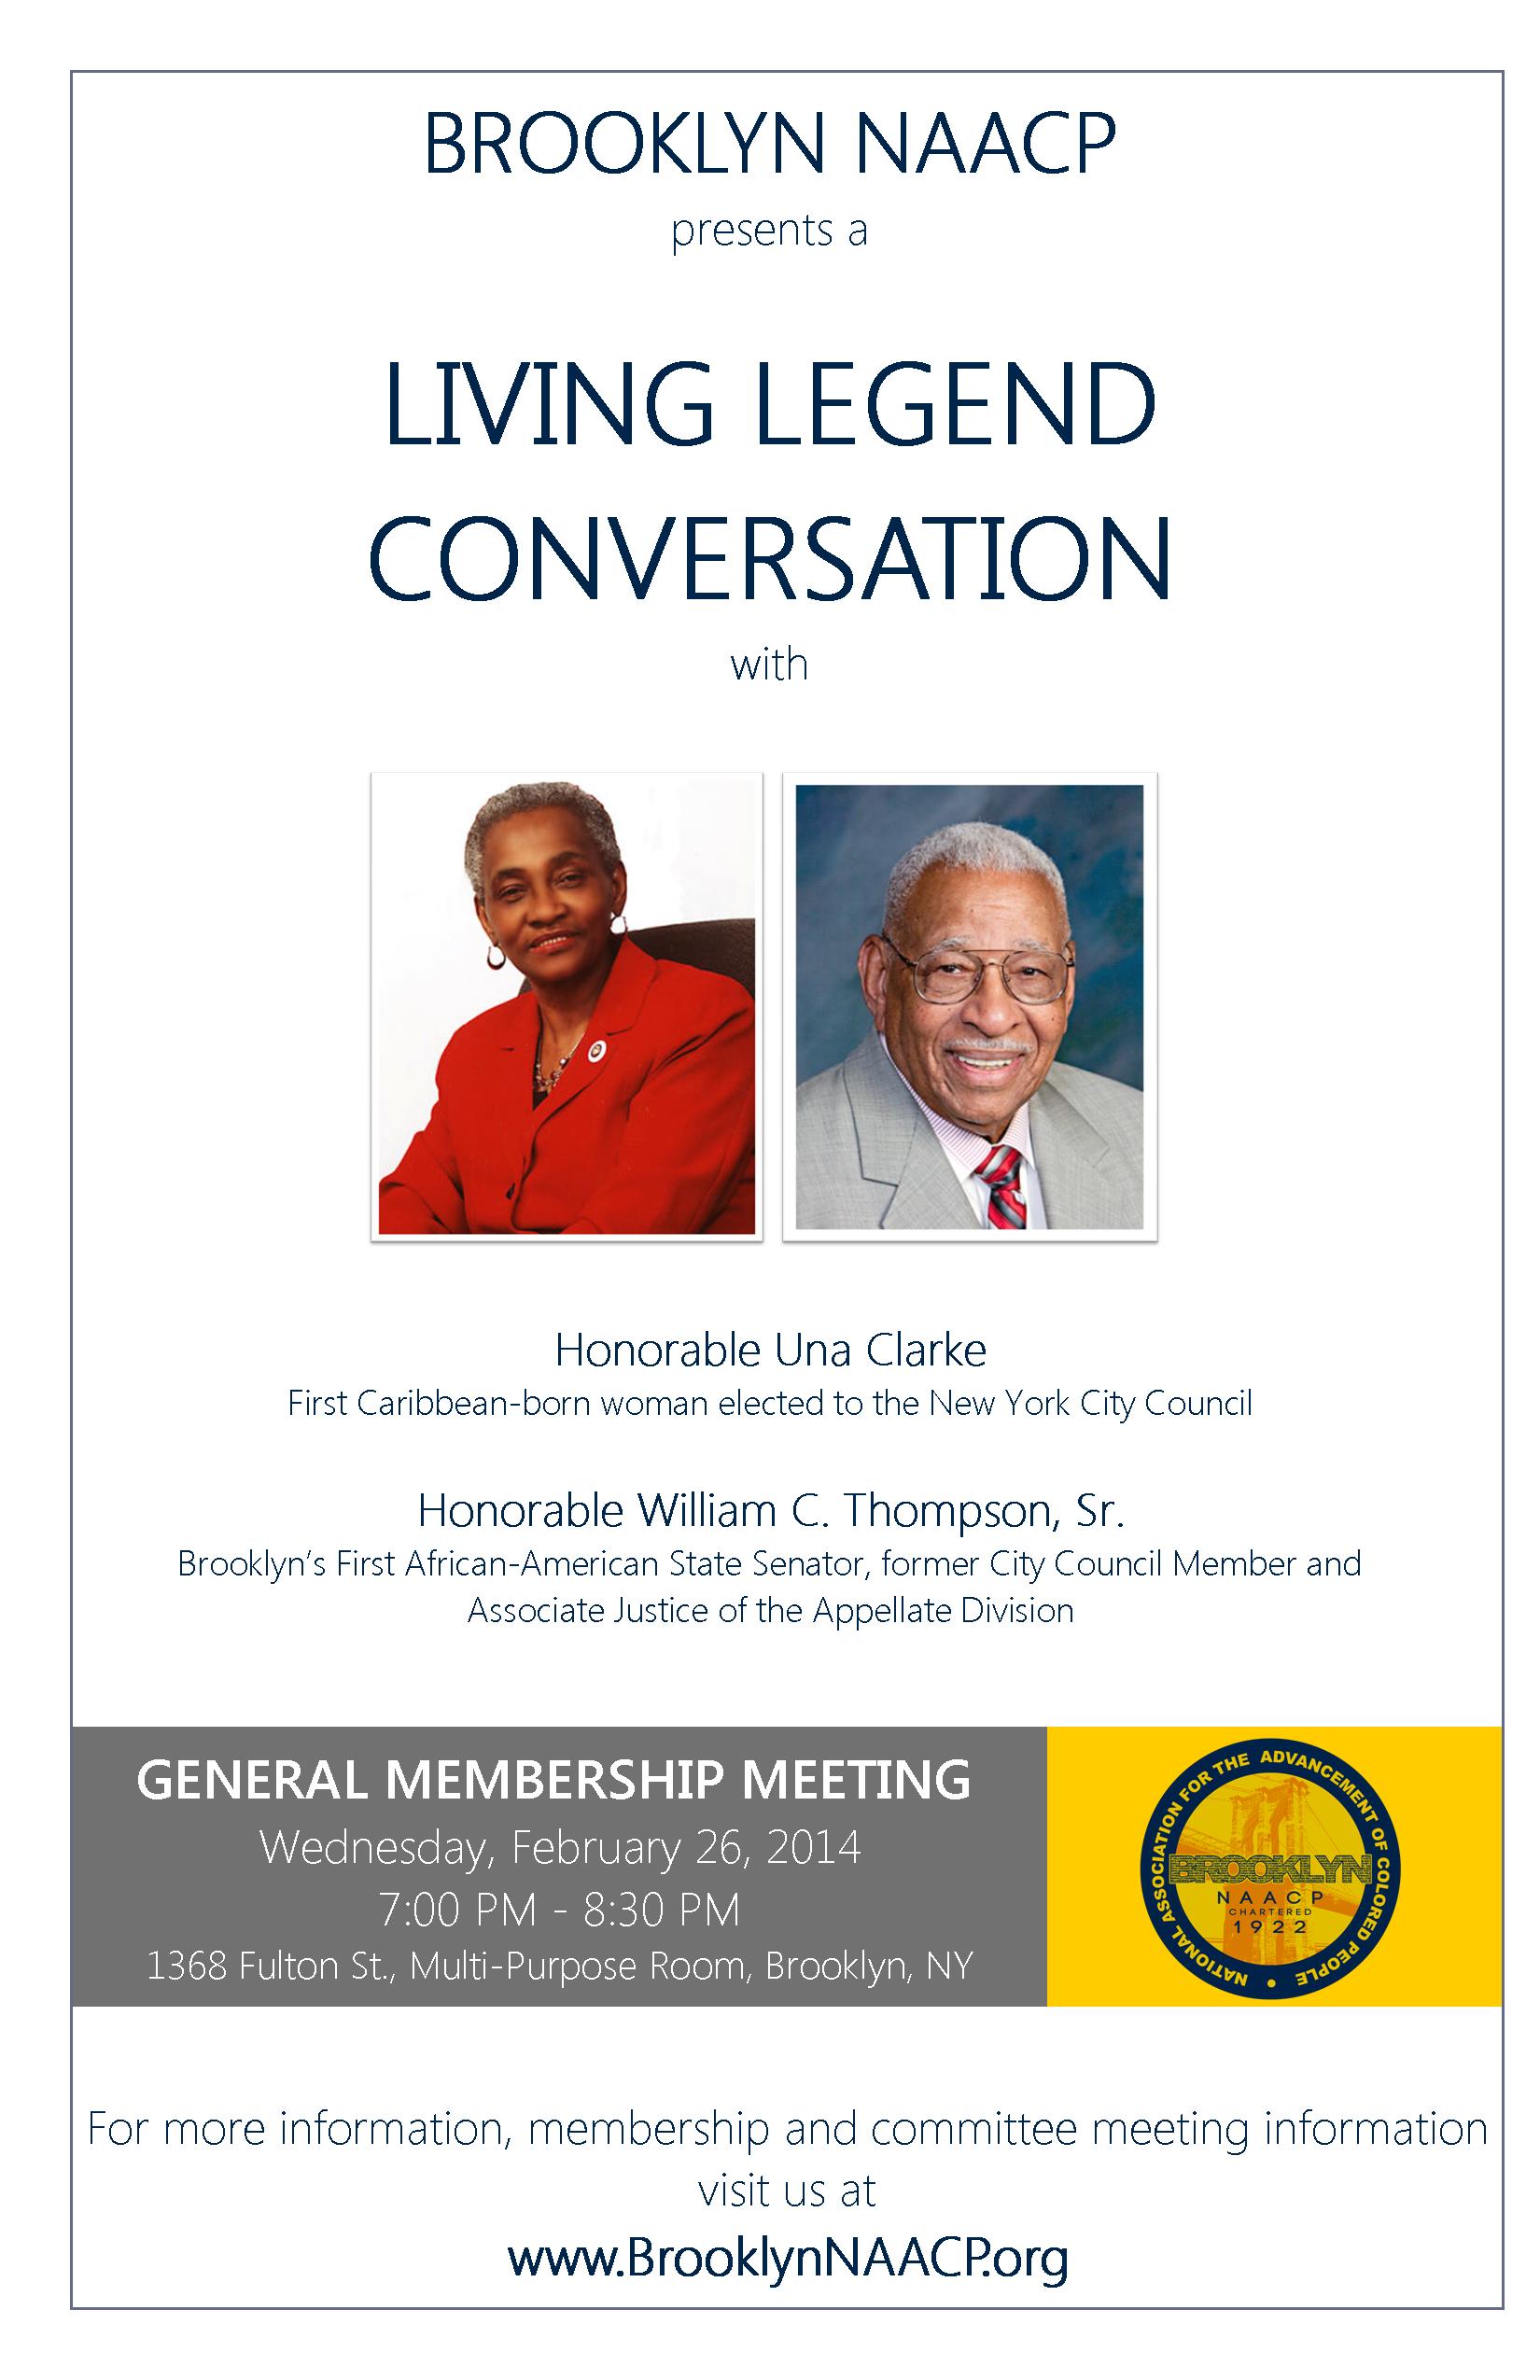 general_membership_meeting_feb_2014.png